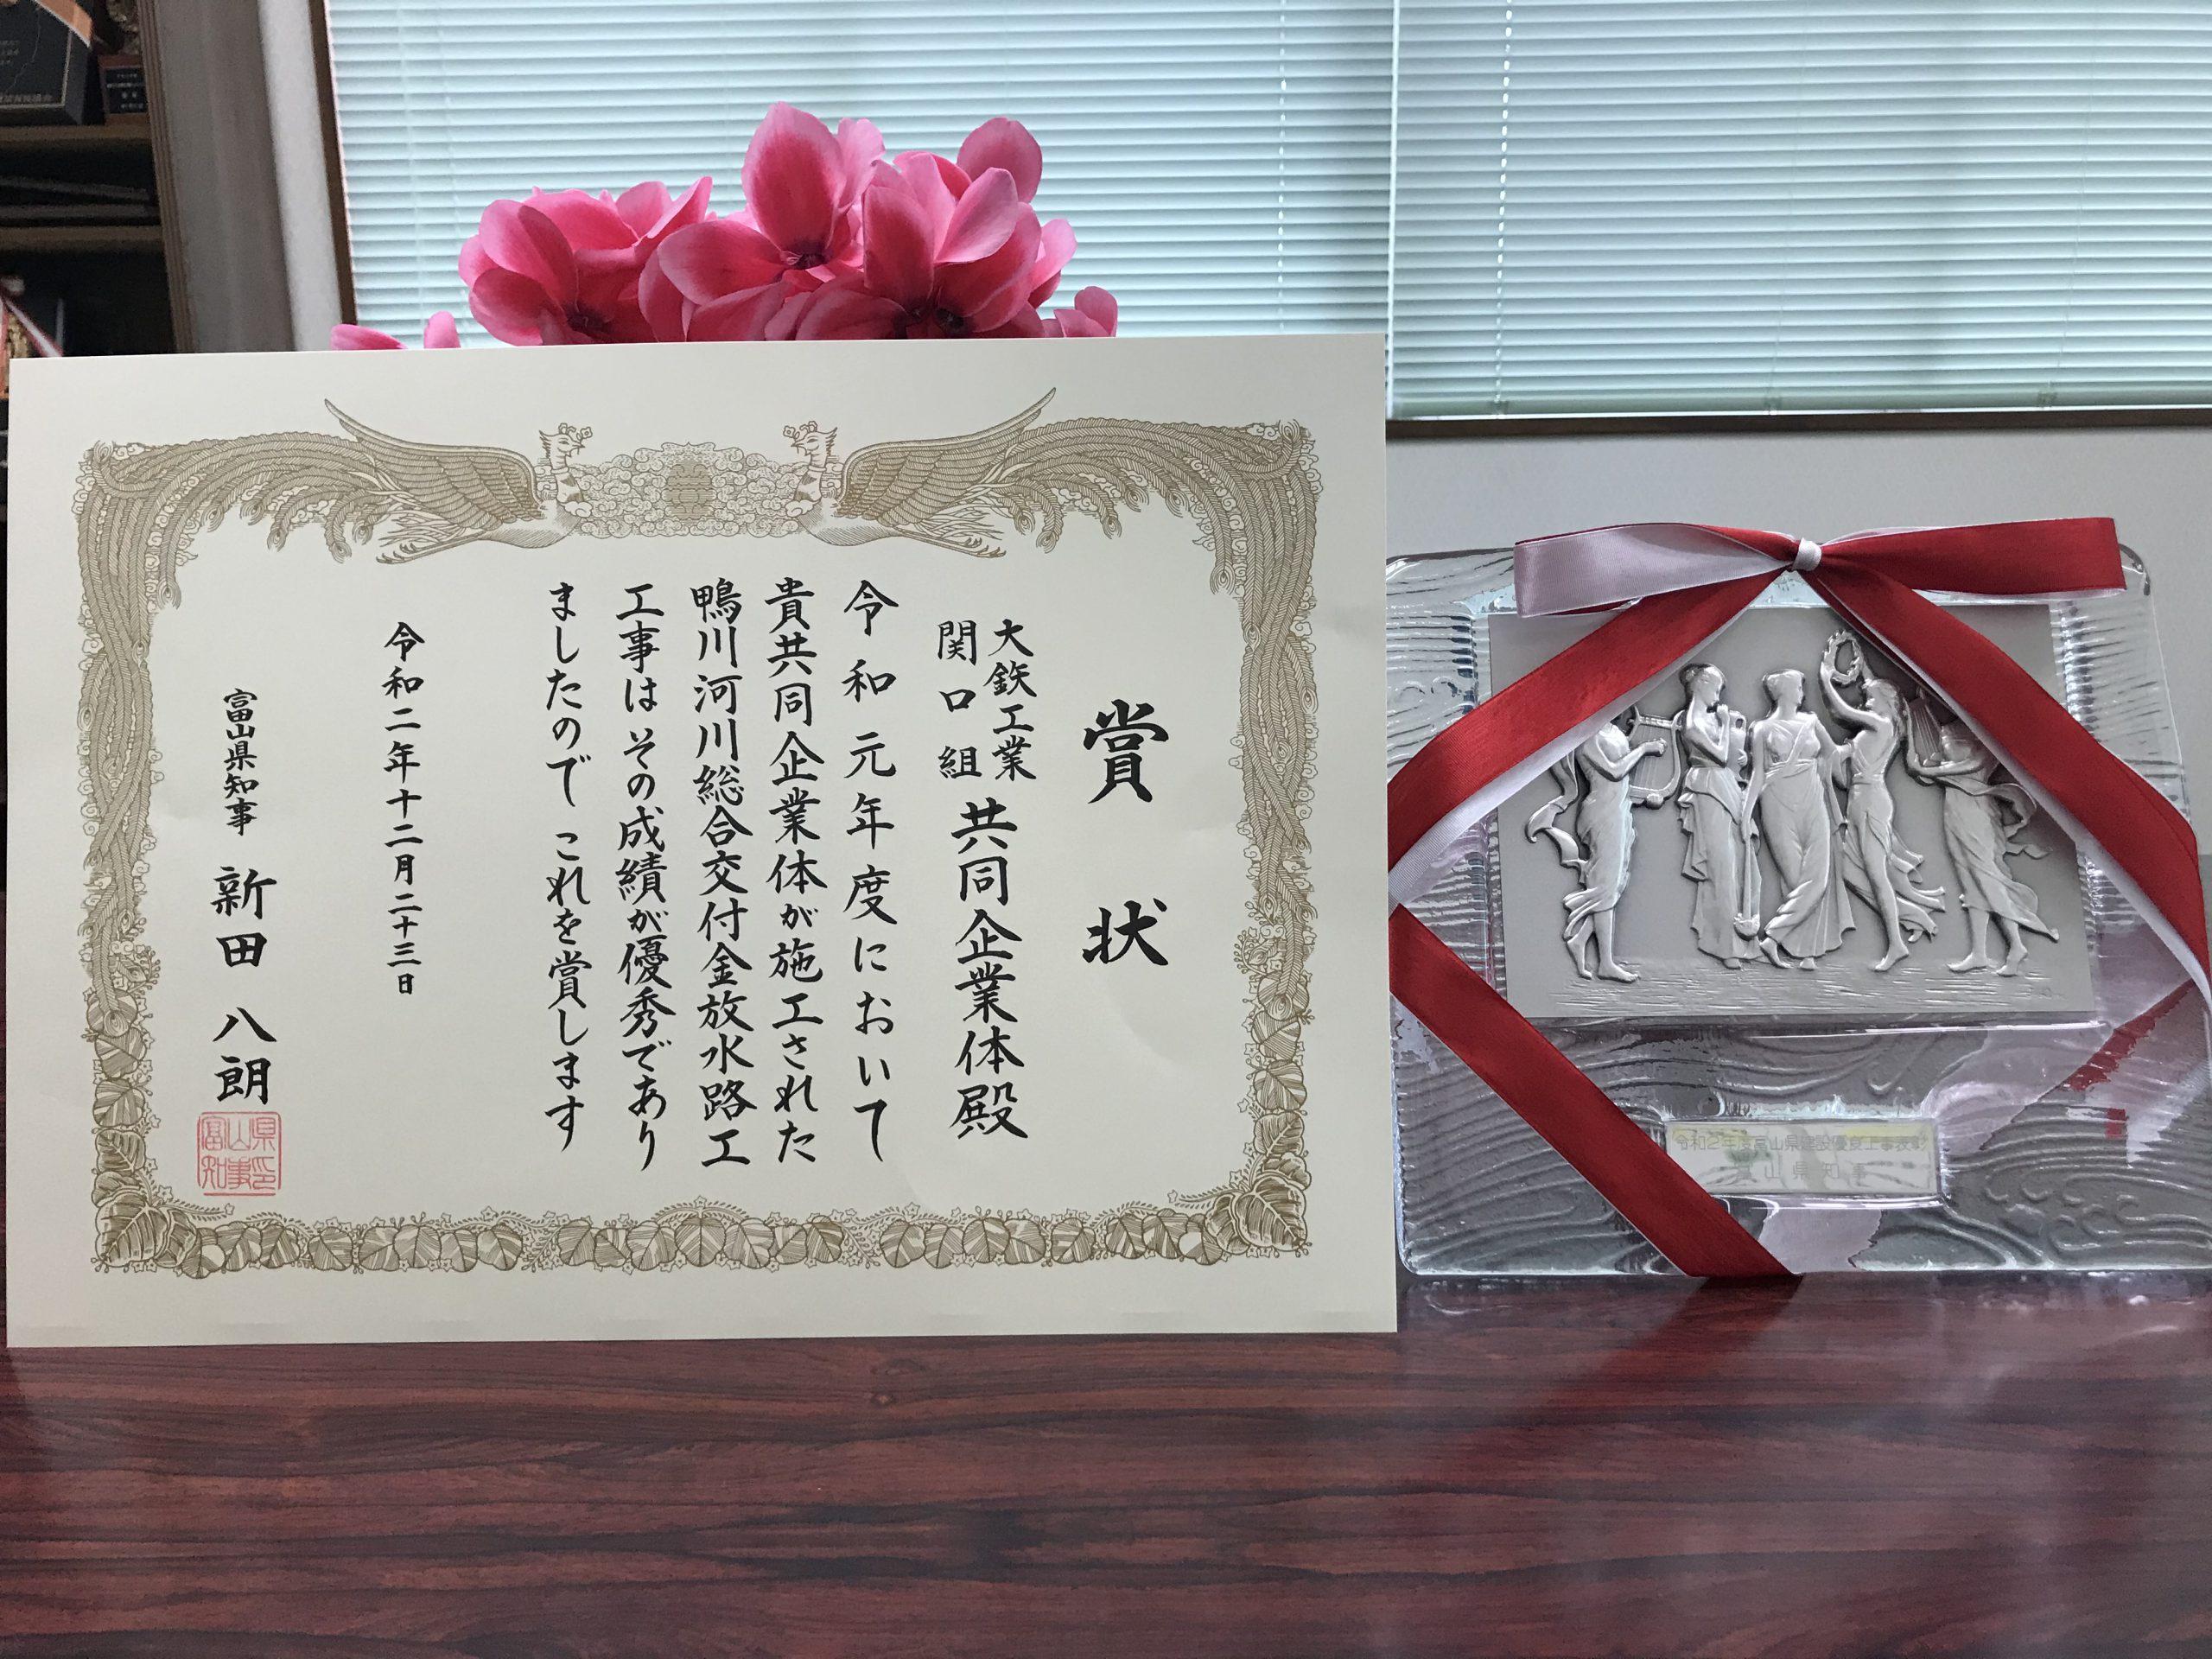 令和2年度富山県建設優良工事 知事賞受賞